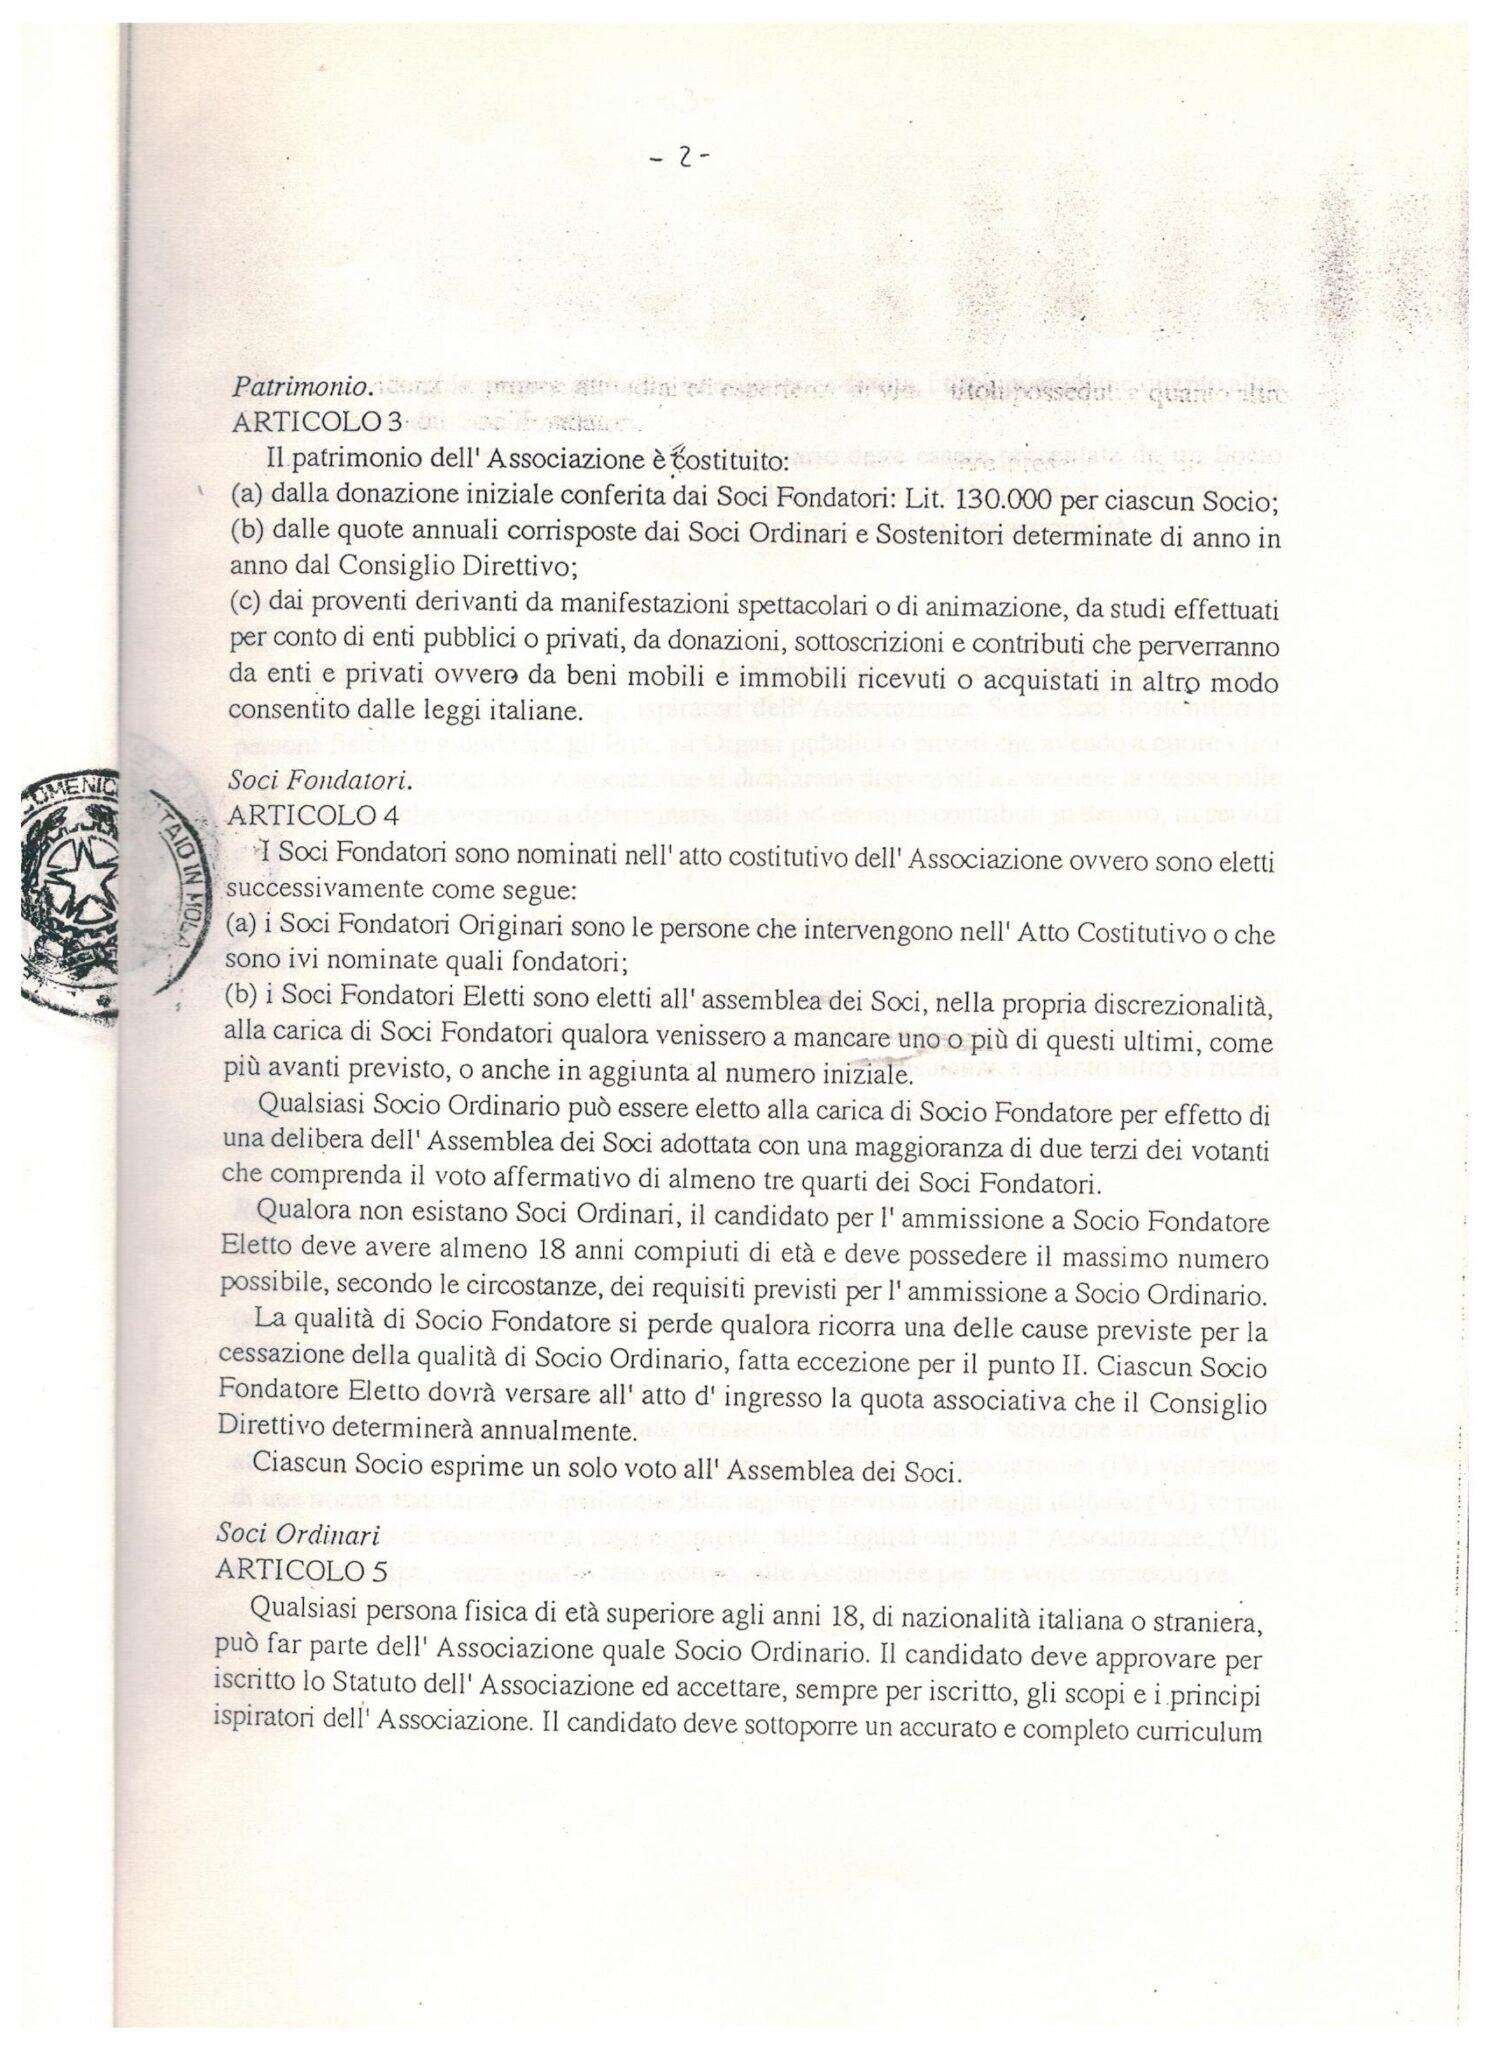 STATUTO 5